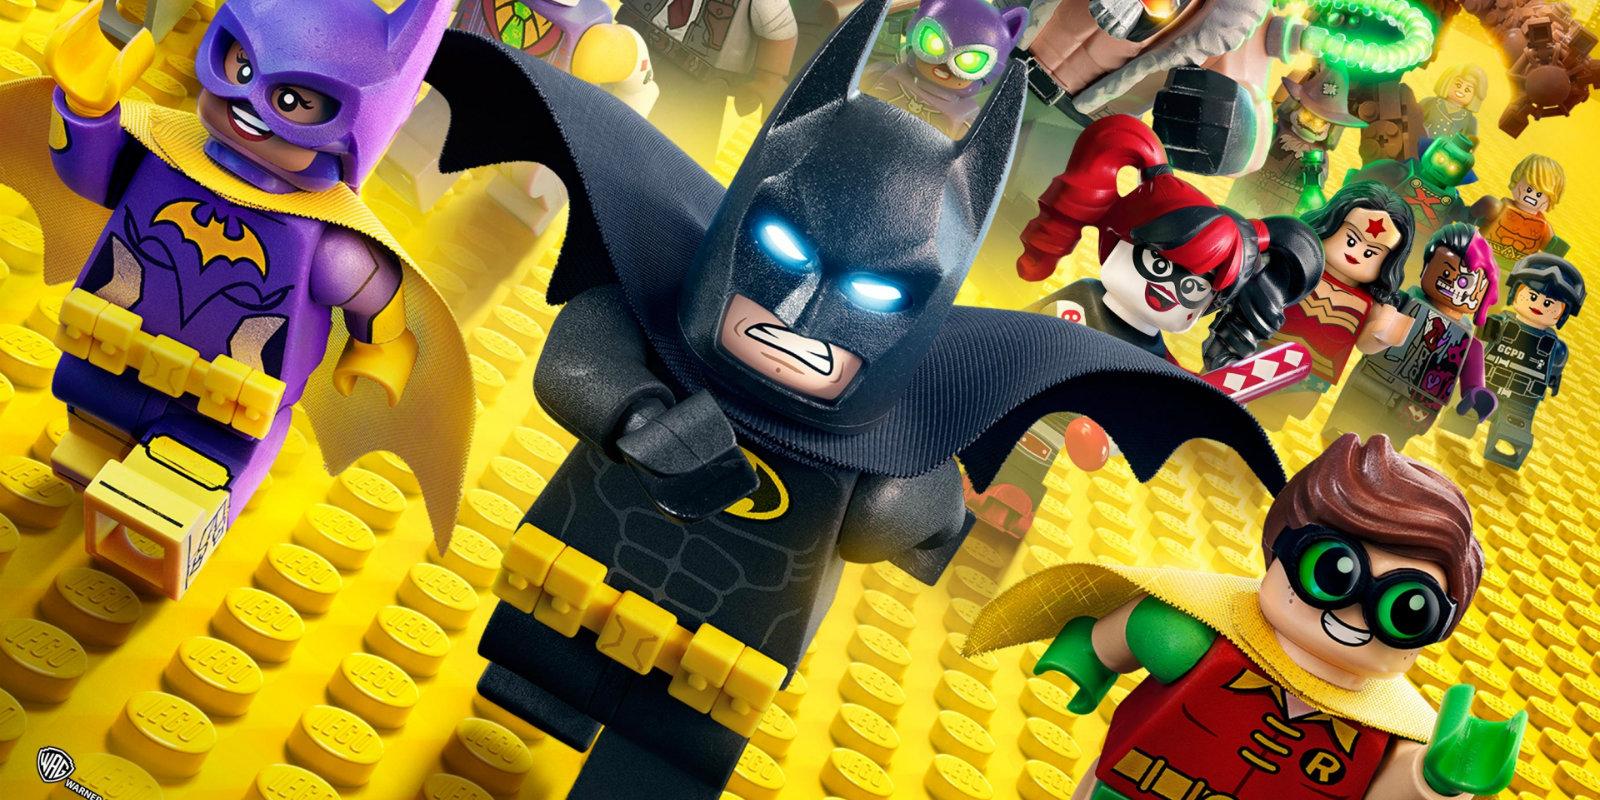 Lego batman la pel cula blogs gesti n for Espejo que sale en una pelicula